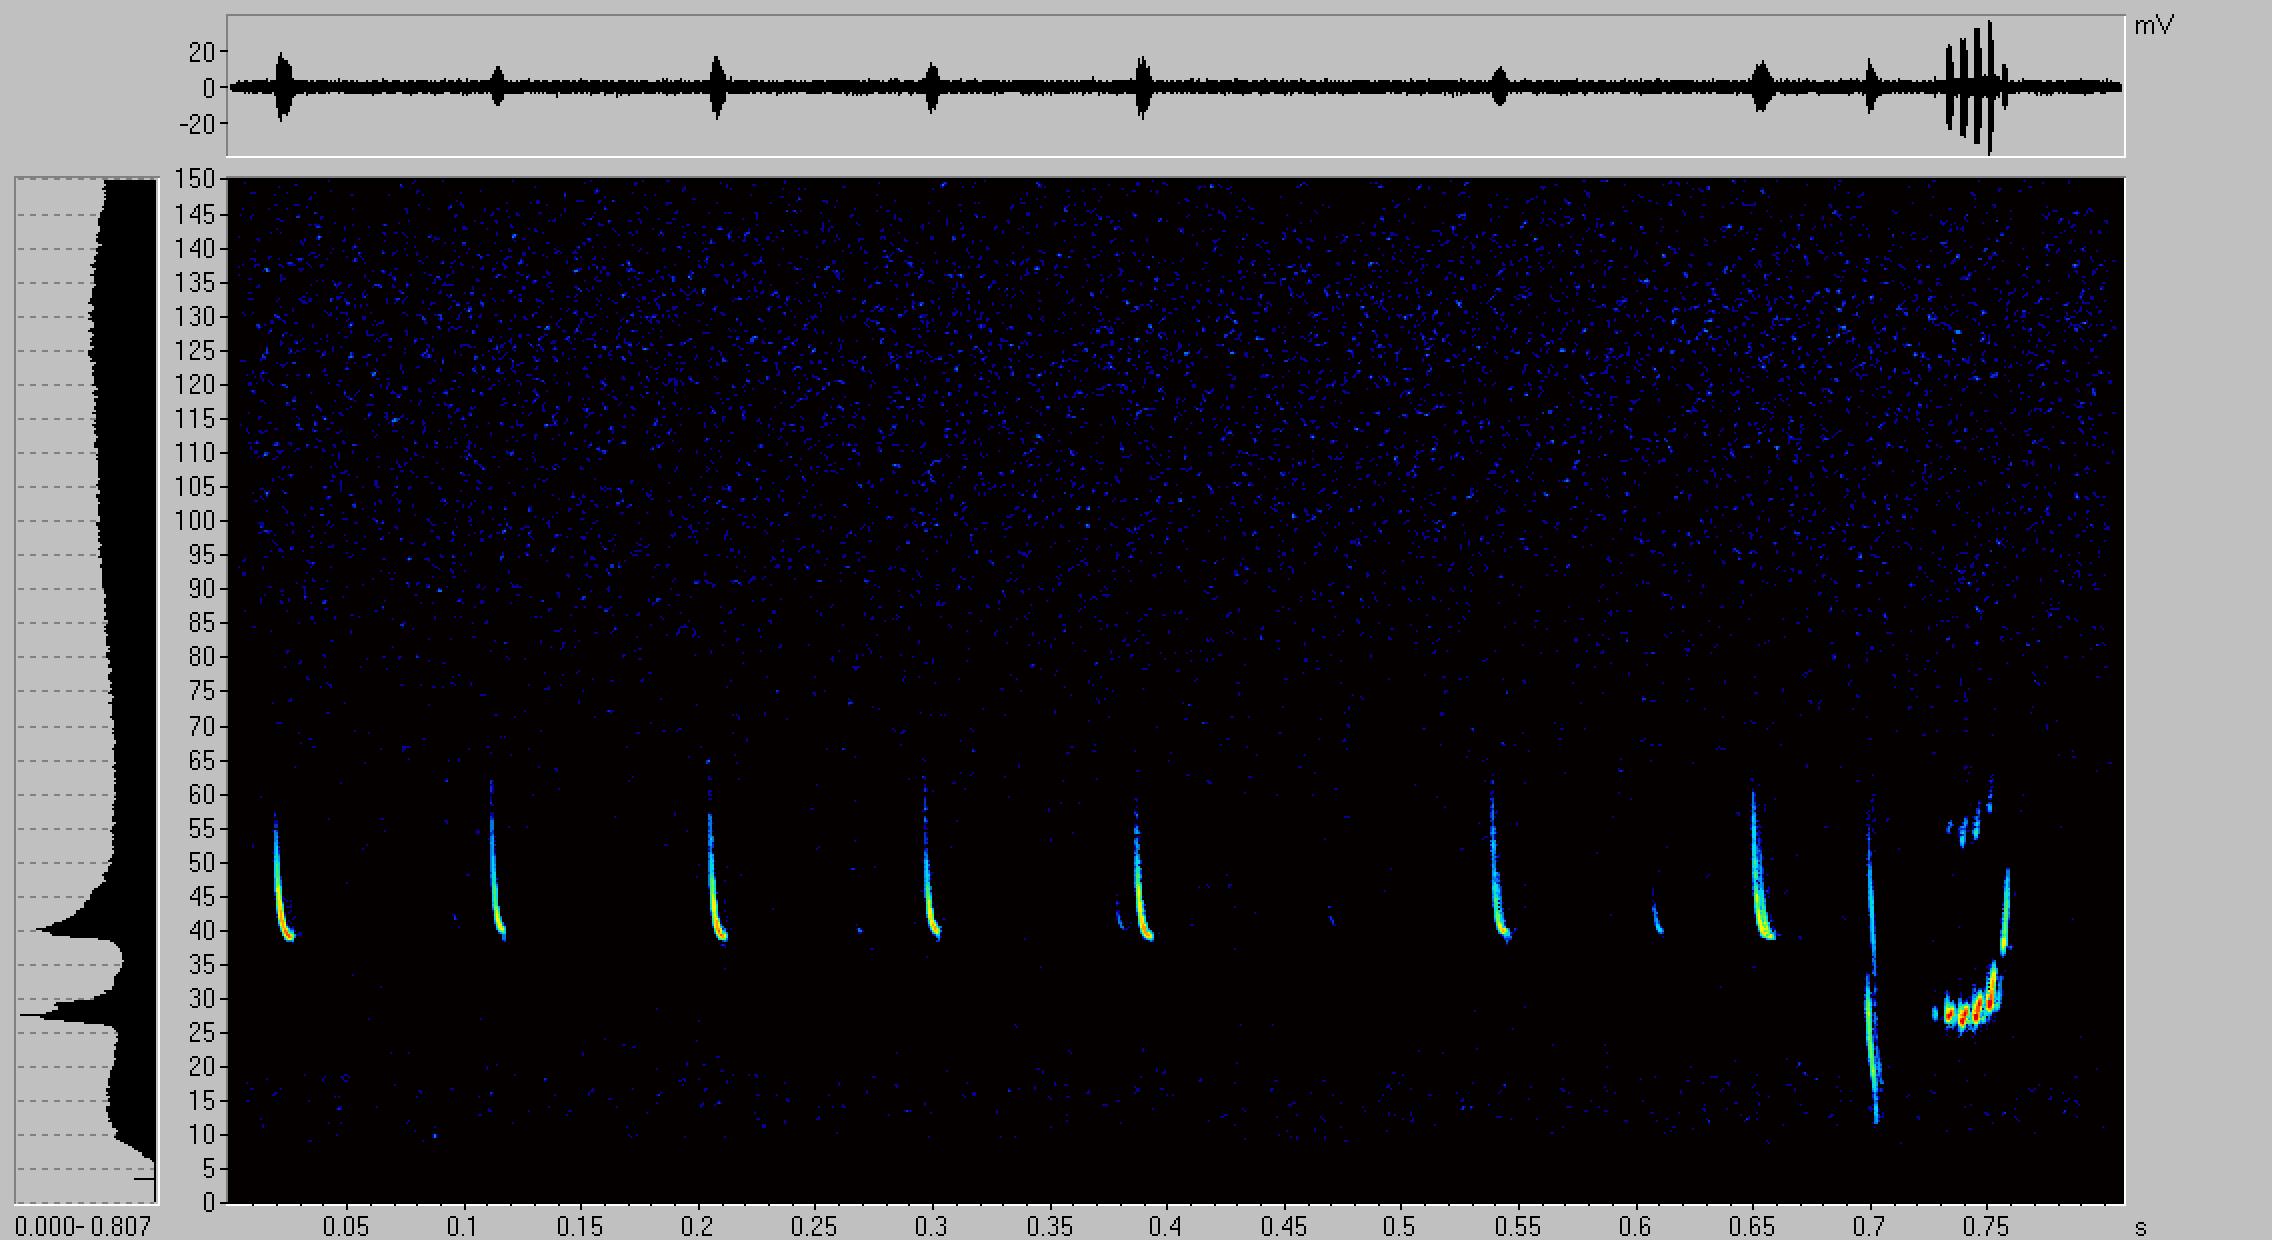 Abb. 7: Rufsequenz einer Rauhhautfledermaus